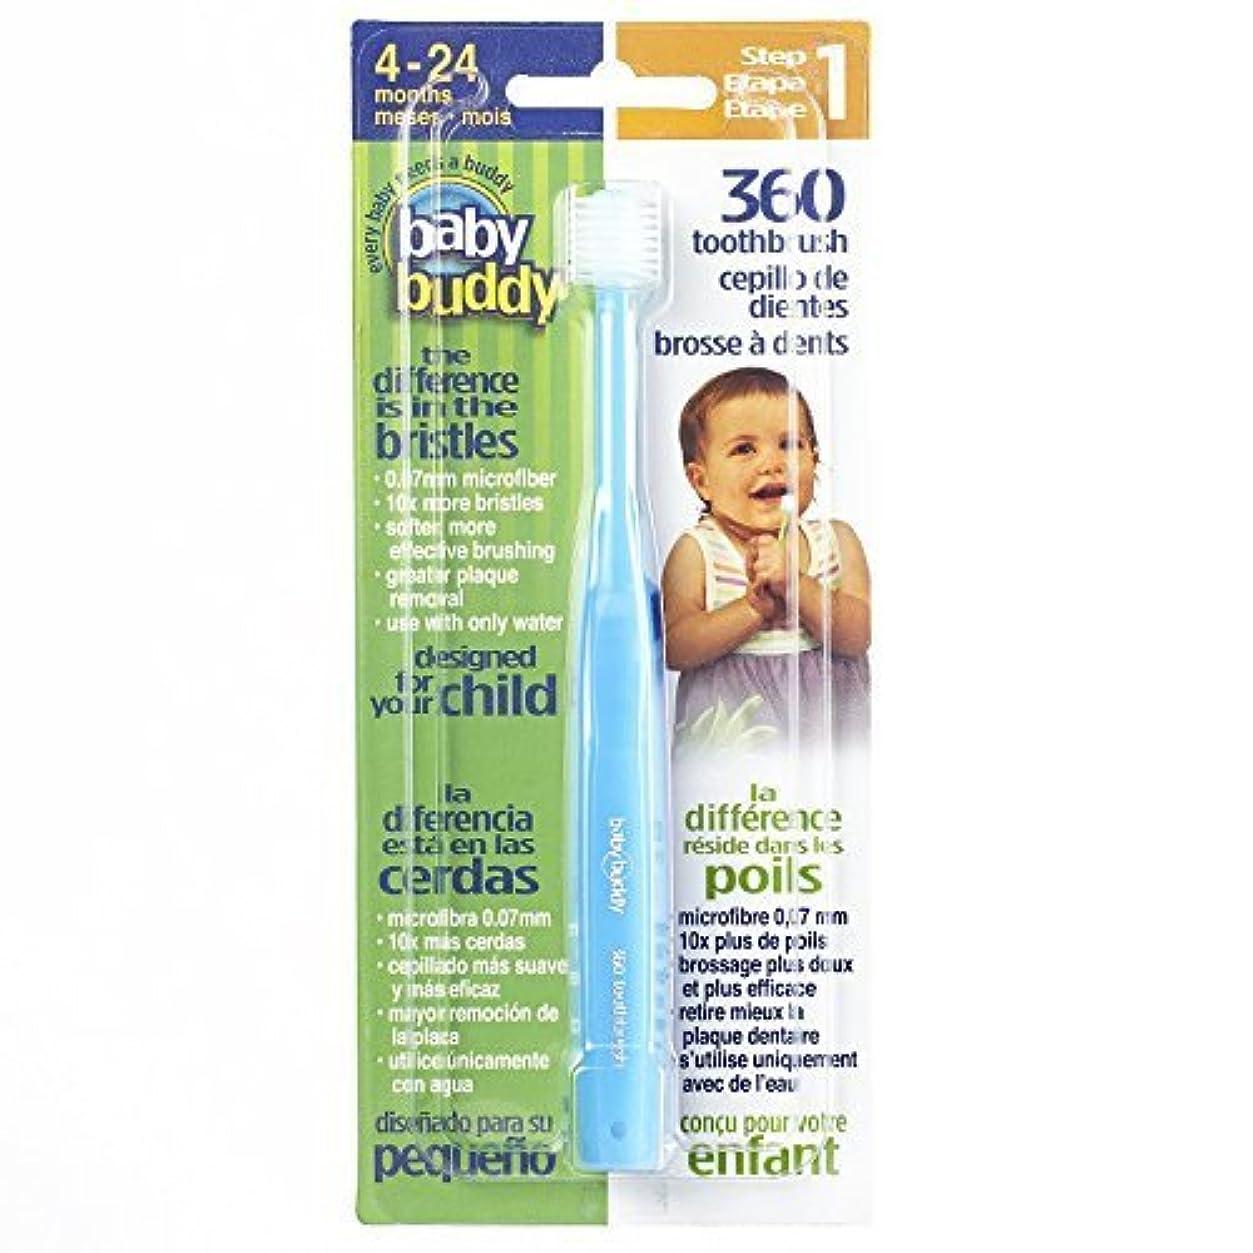 振りかける破滅パイプラインBaby Buddy 360 Toothbrush Step 1, Blue by Baby Buddy [並行輸入品]